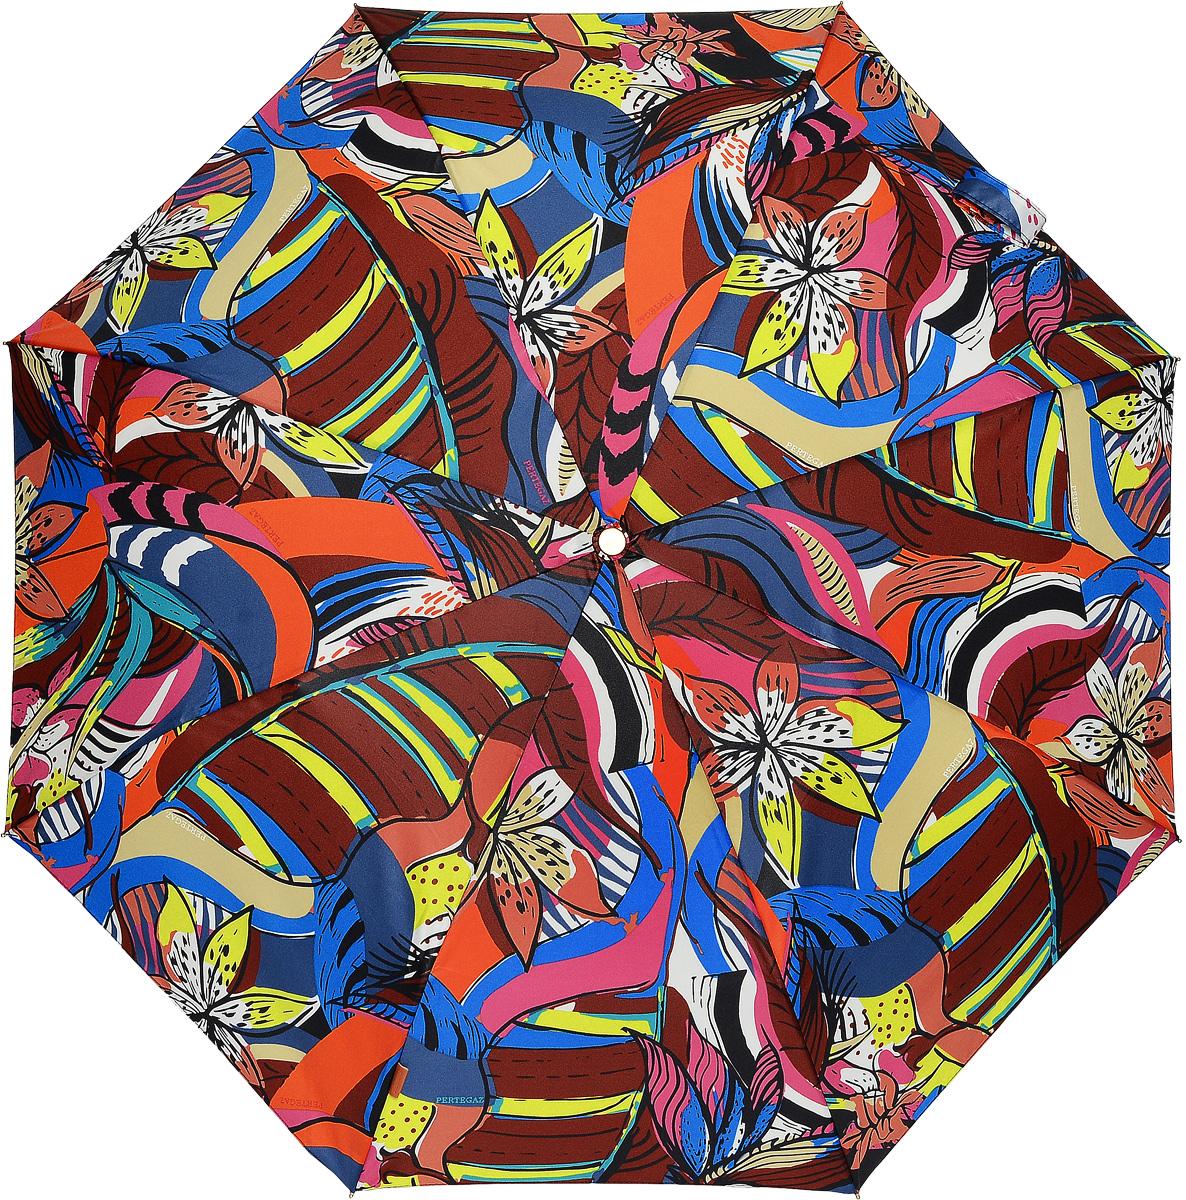 PERTEGAZ 85151-1 Зонт полный автом. 3 сл. жен.85151-1Зонт испанского производителя Clima. В производстве зонтов используются современные материалы, что делает зонты легкими, но в то же время крепкими.Полный автомат, 3 сложения, 8 спиц, полиэстер.